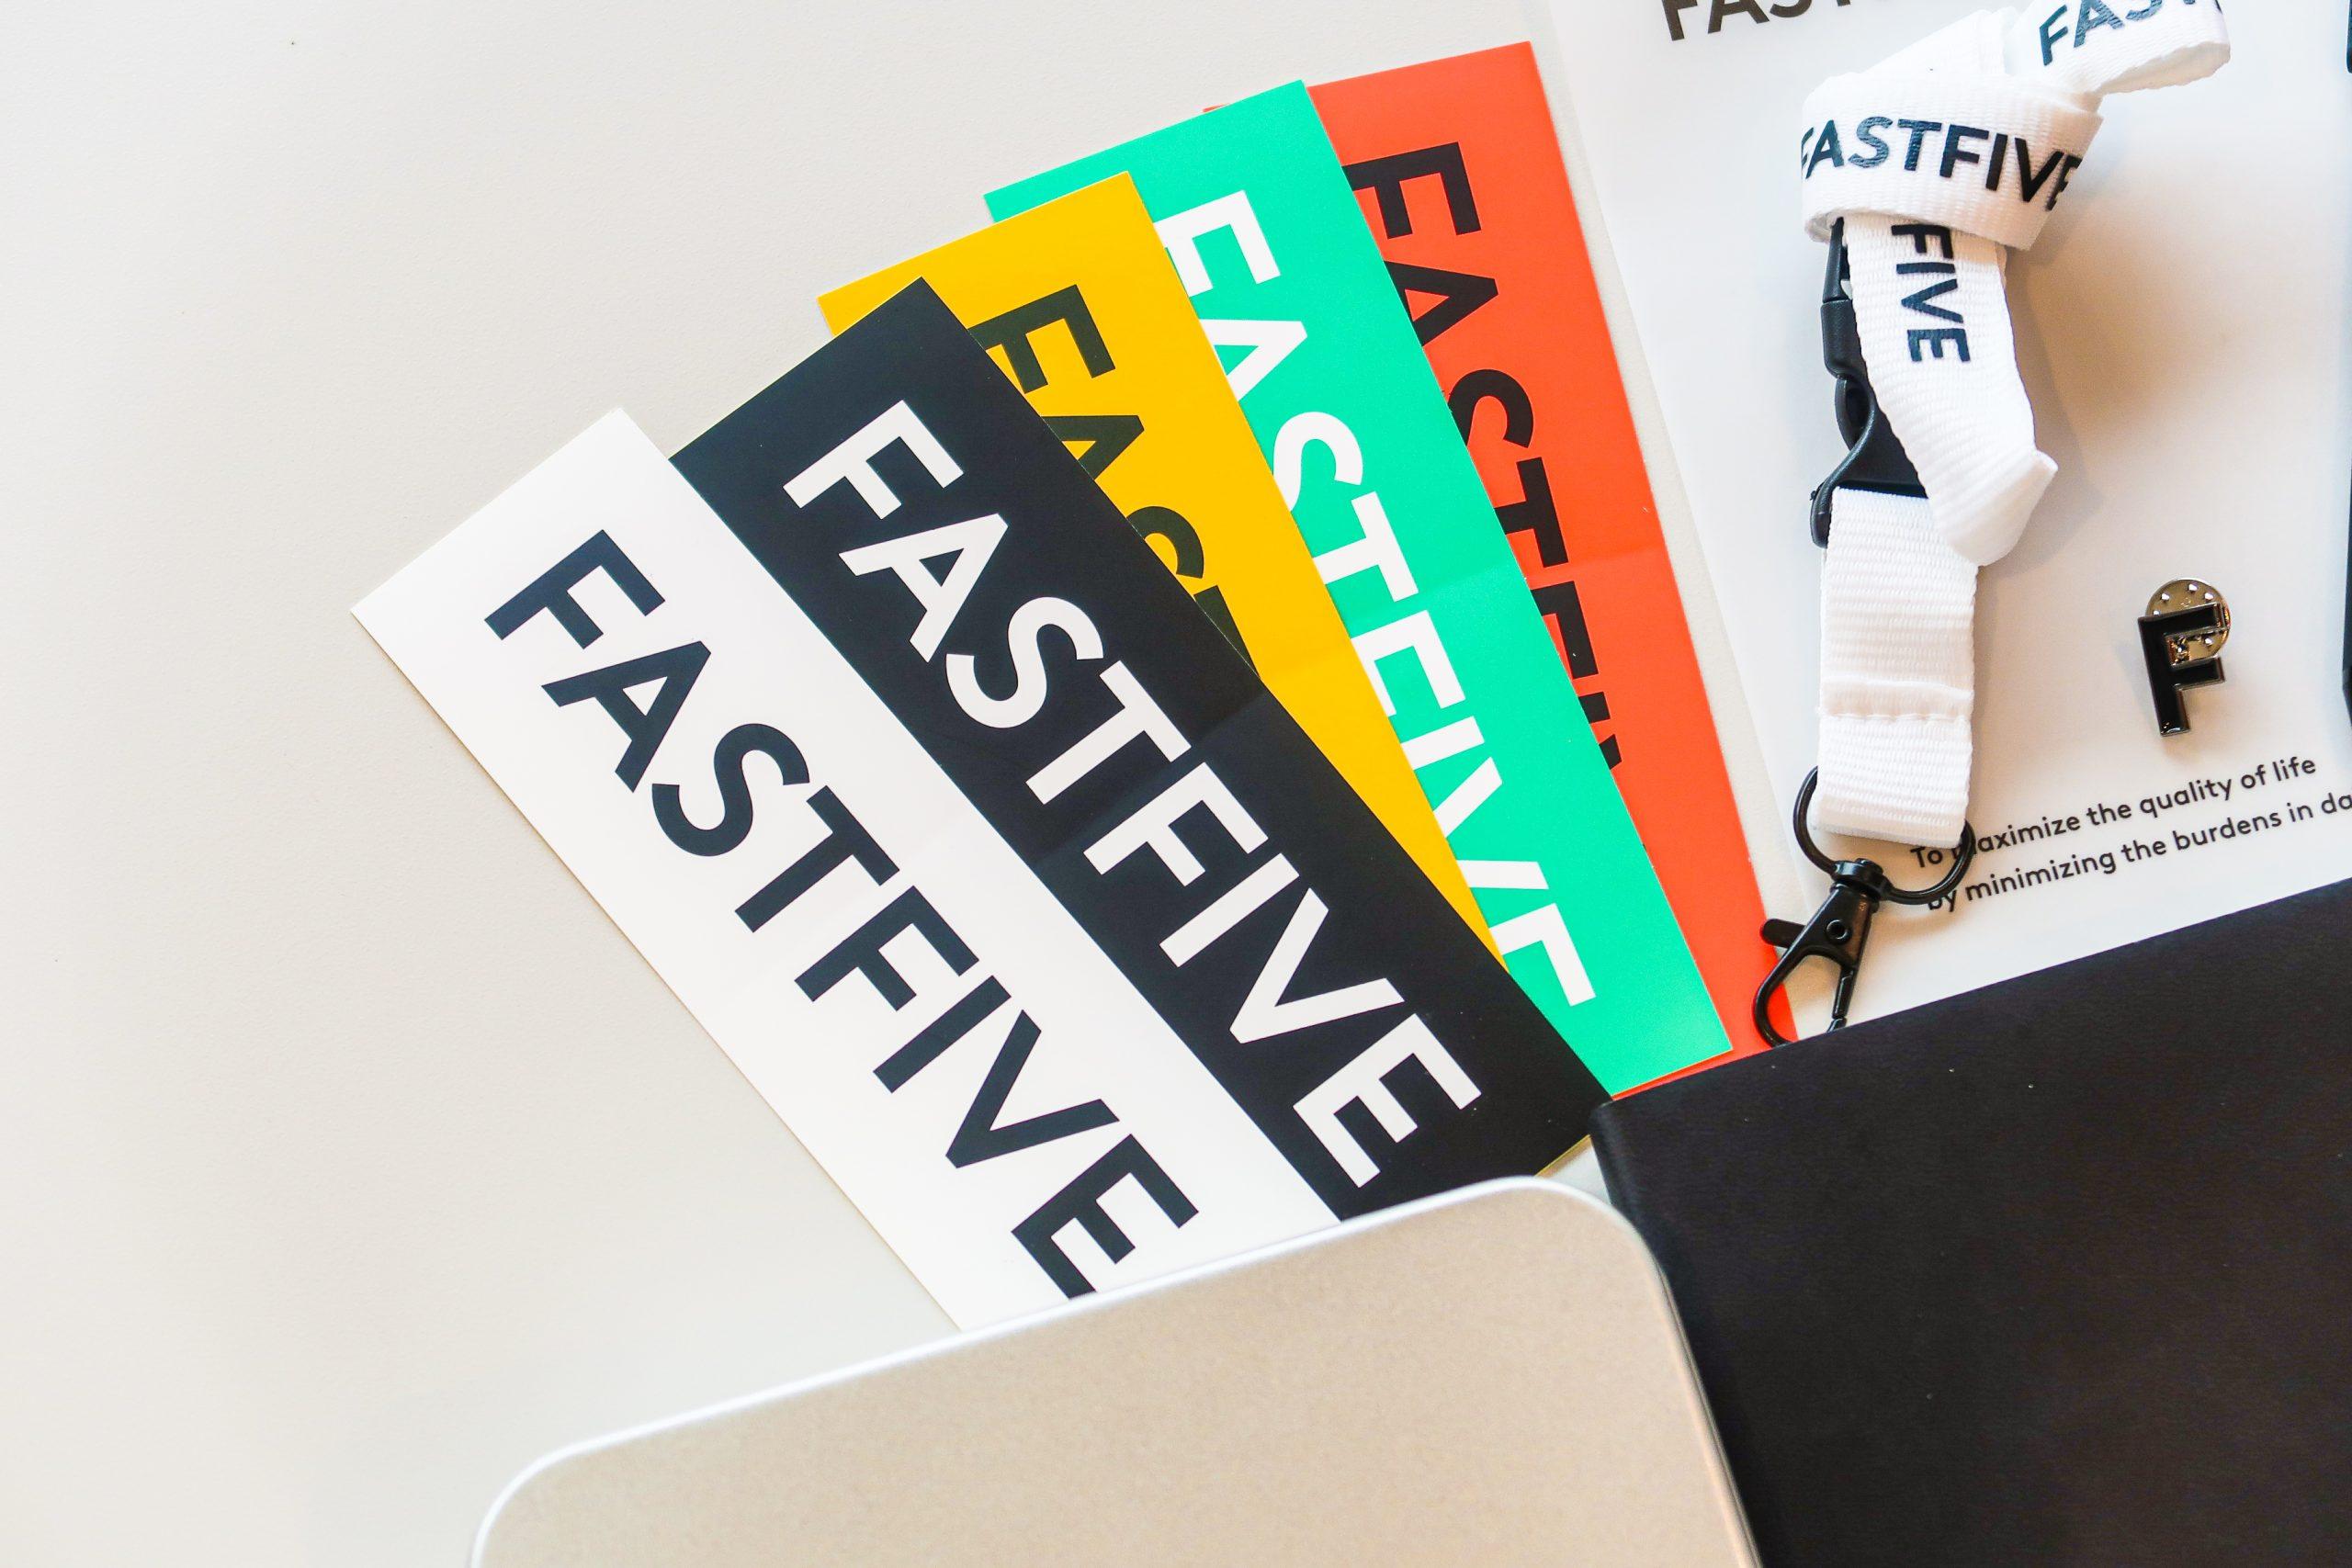 패스트파이브의 5주년을 축하합니다!